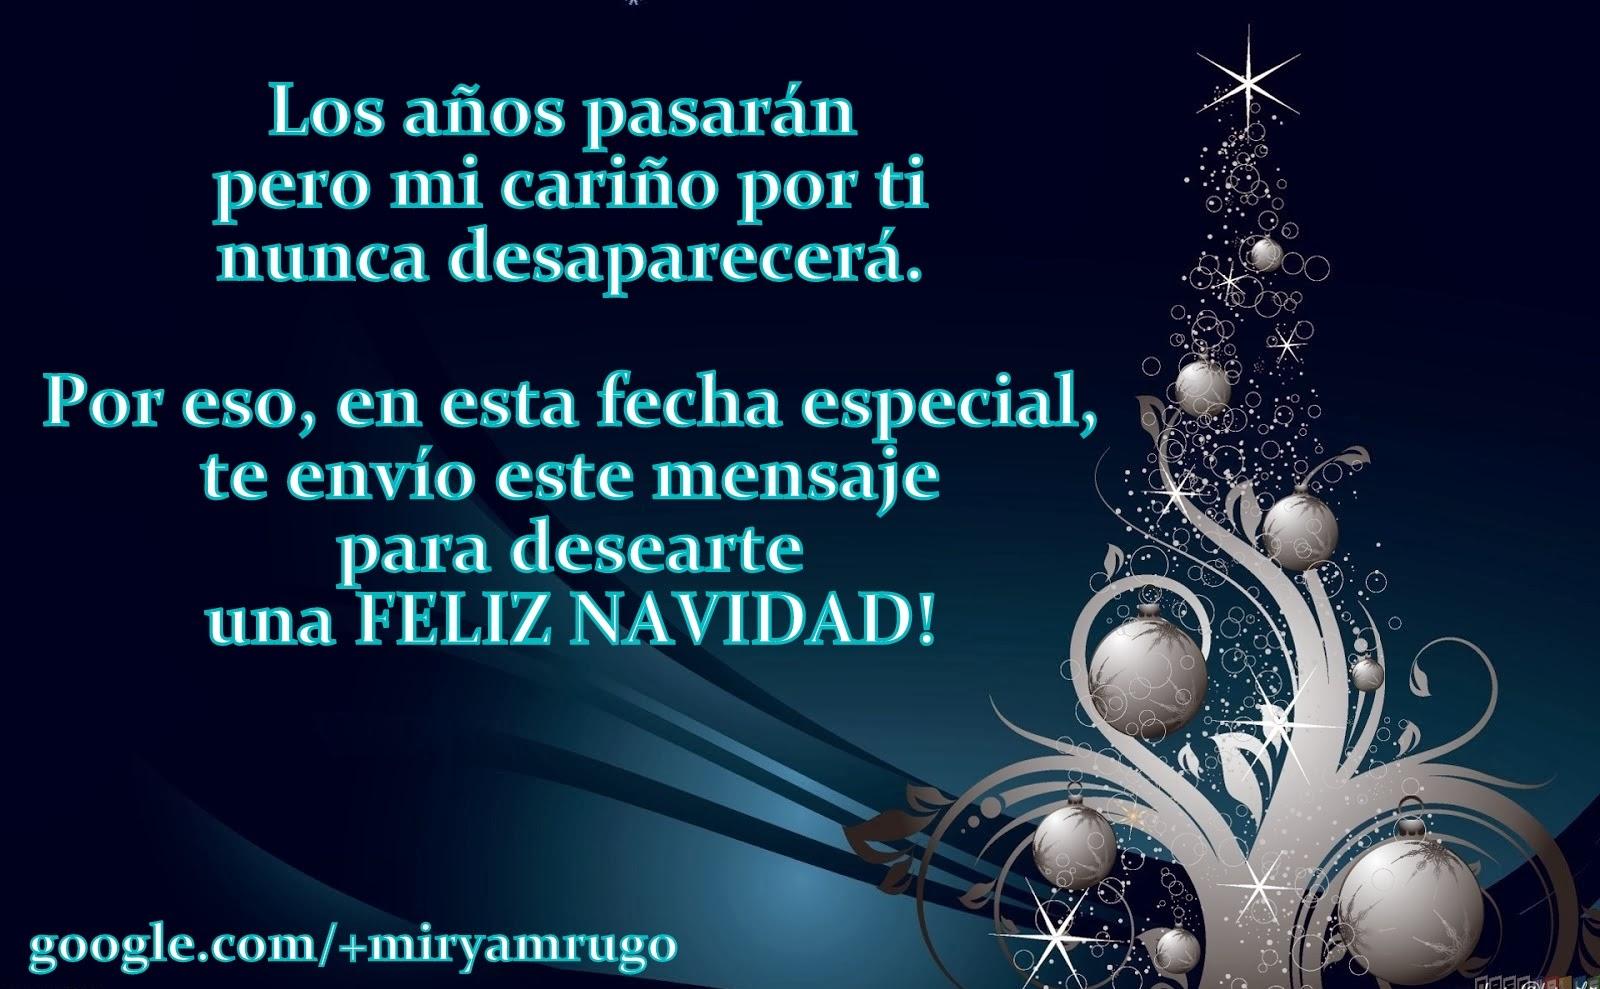 Frases citas celebres etc 2013 12 15 - Citas navidenas celebres ...